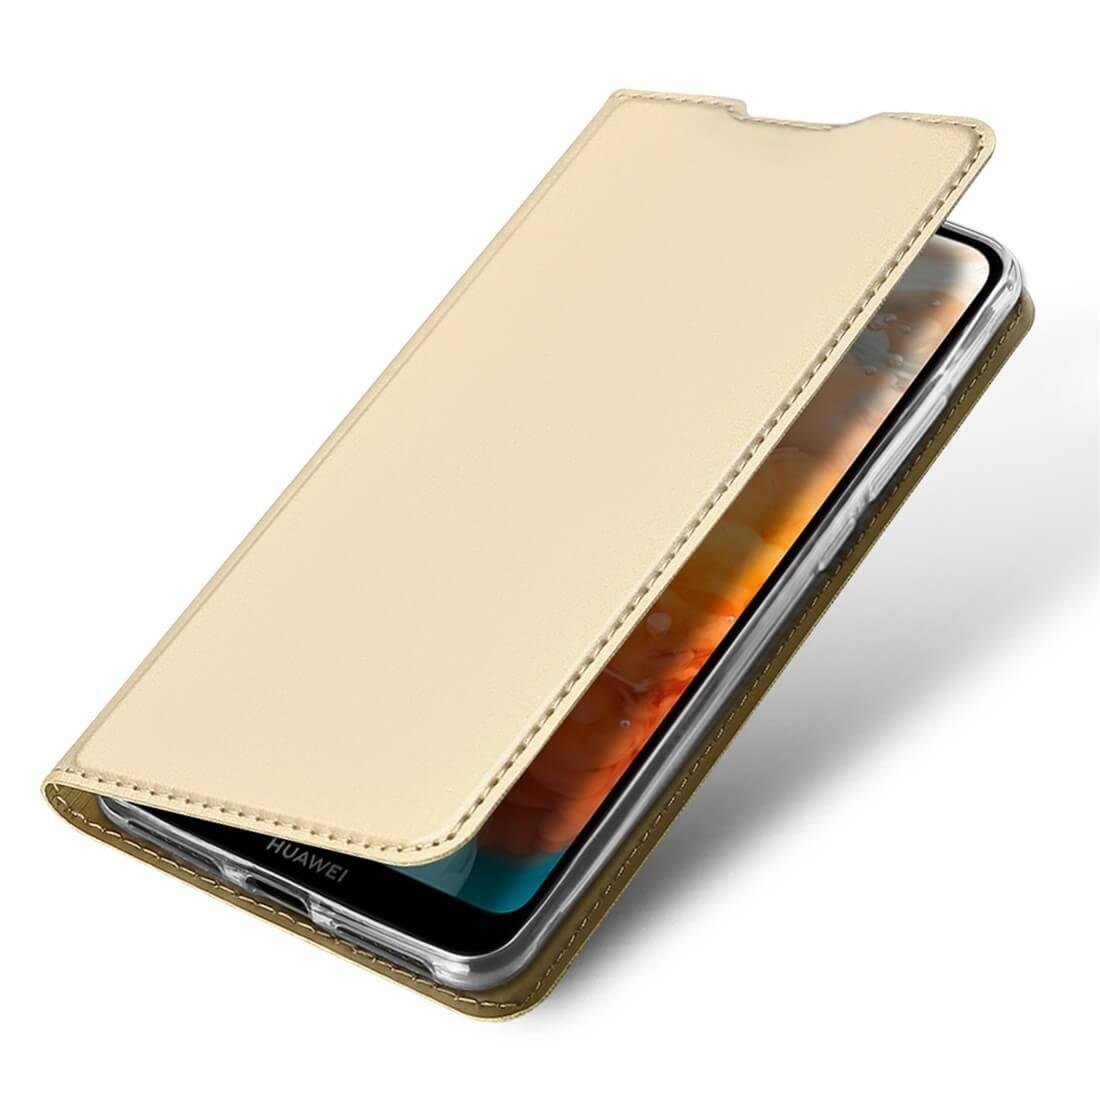 DUX Peňaženkový obal Huawei Y6 2019 zlatý